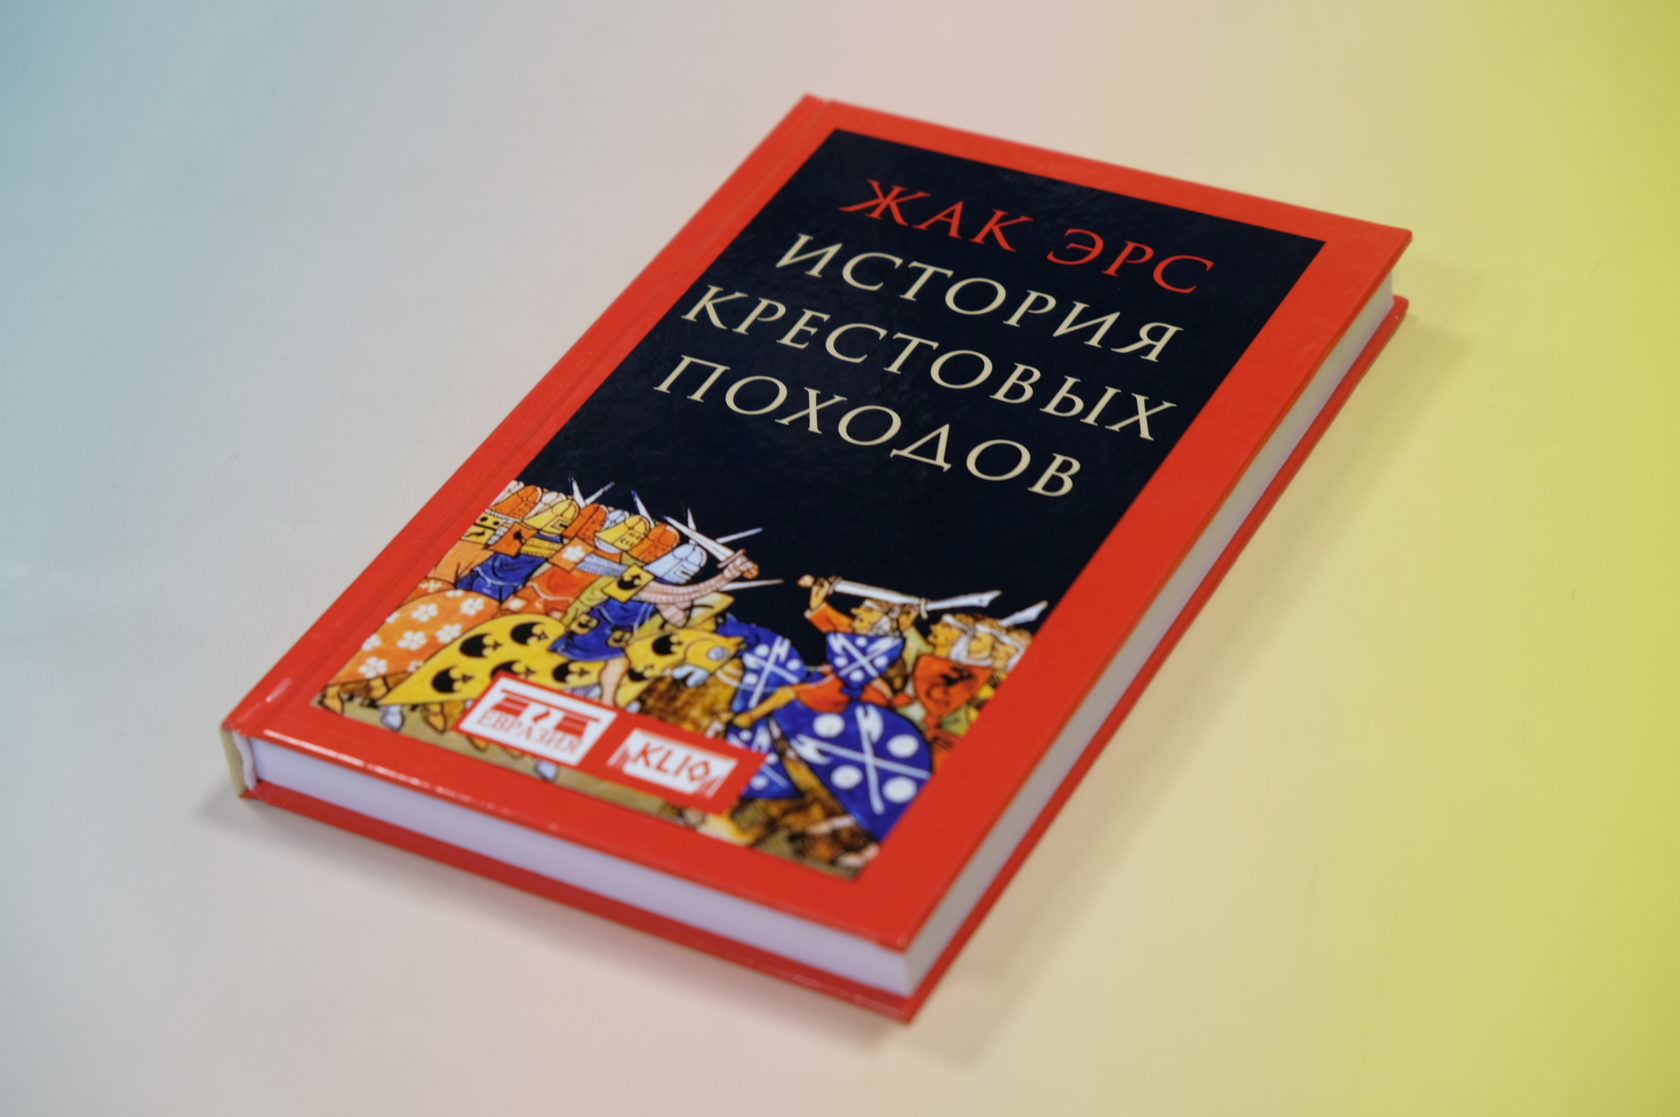 Жак Эрс «История крестовых походов» 978-5-8071-0433-5